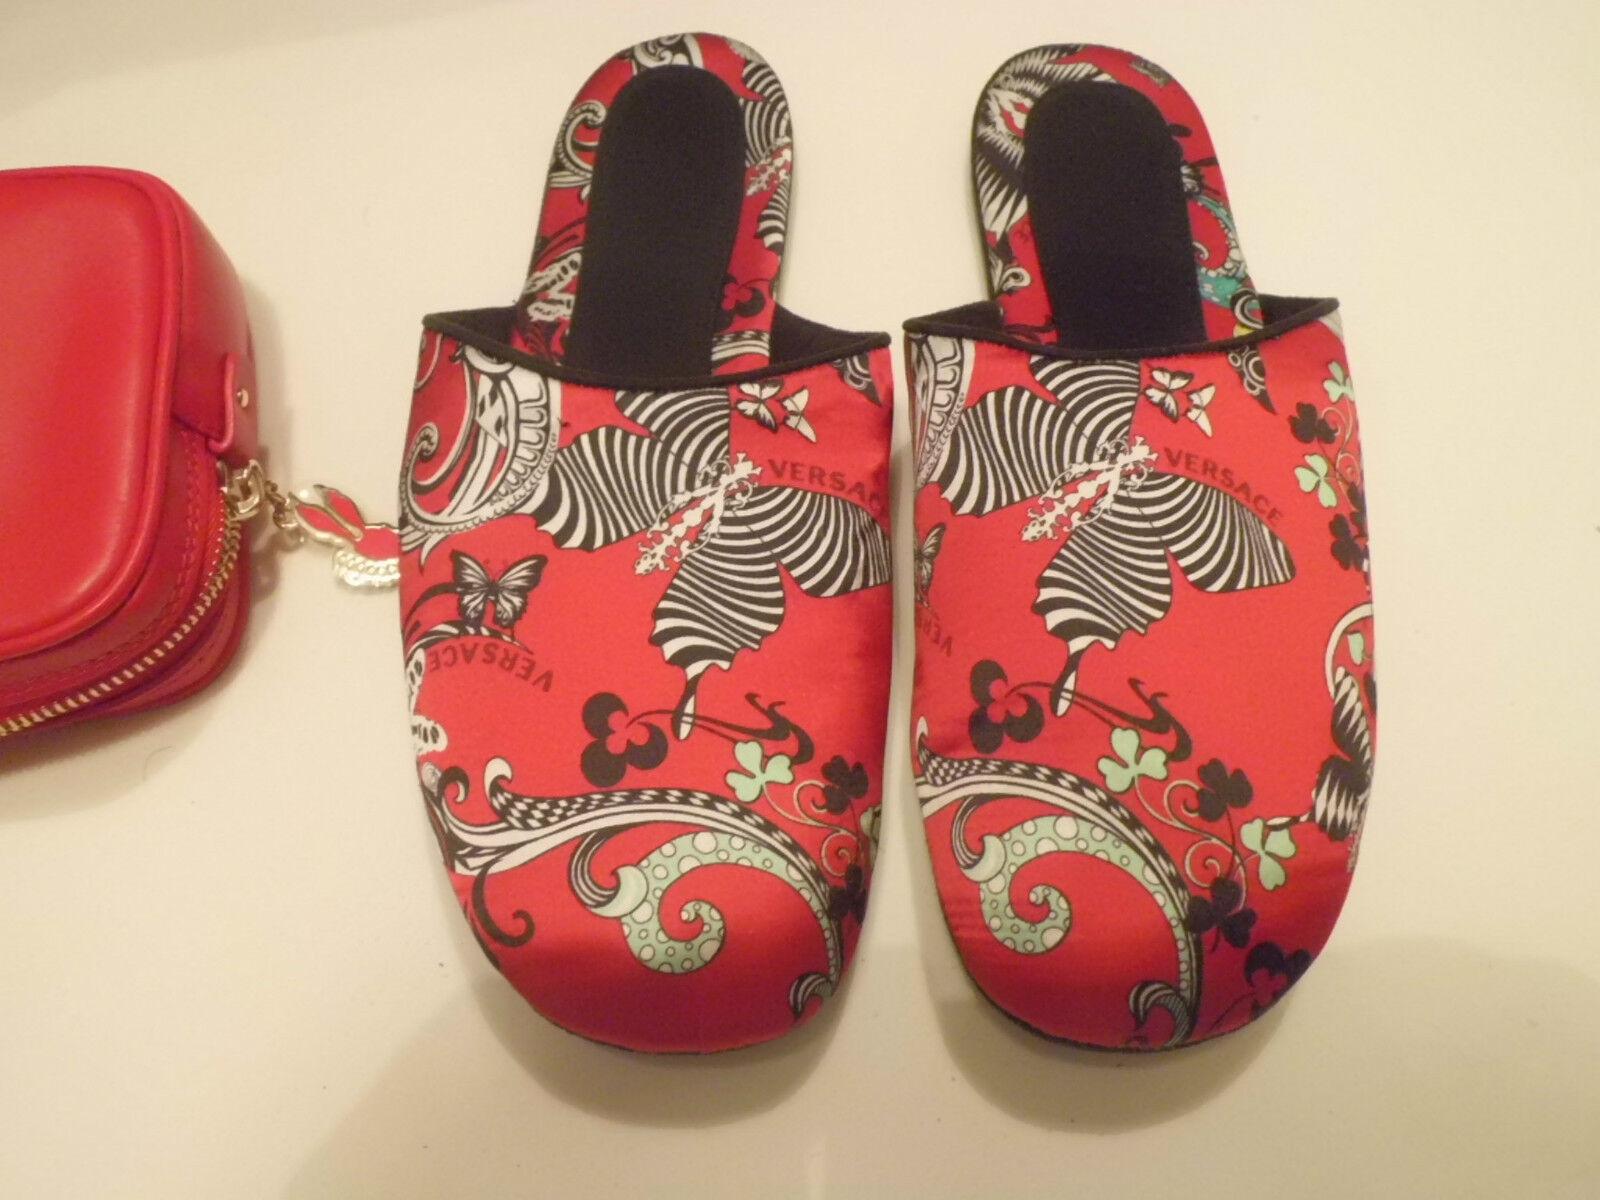 Autentico VERSACE Bellezza Calf Silk Slippers Dimensiones 39  440,00   moda classica